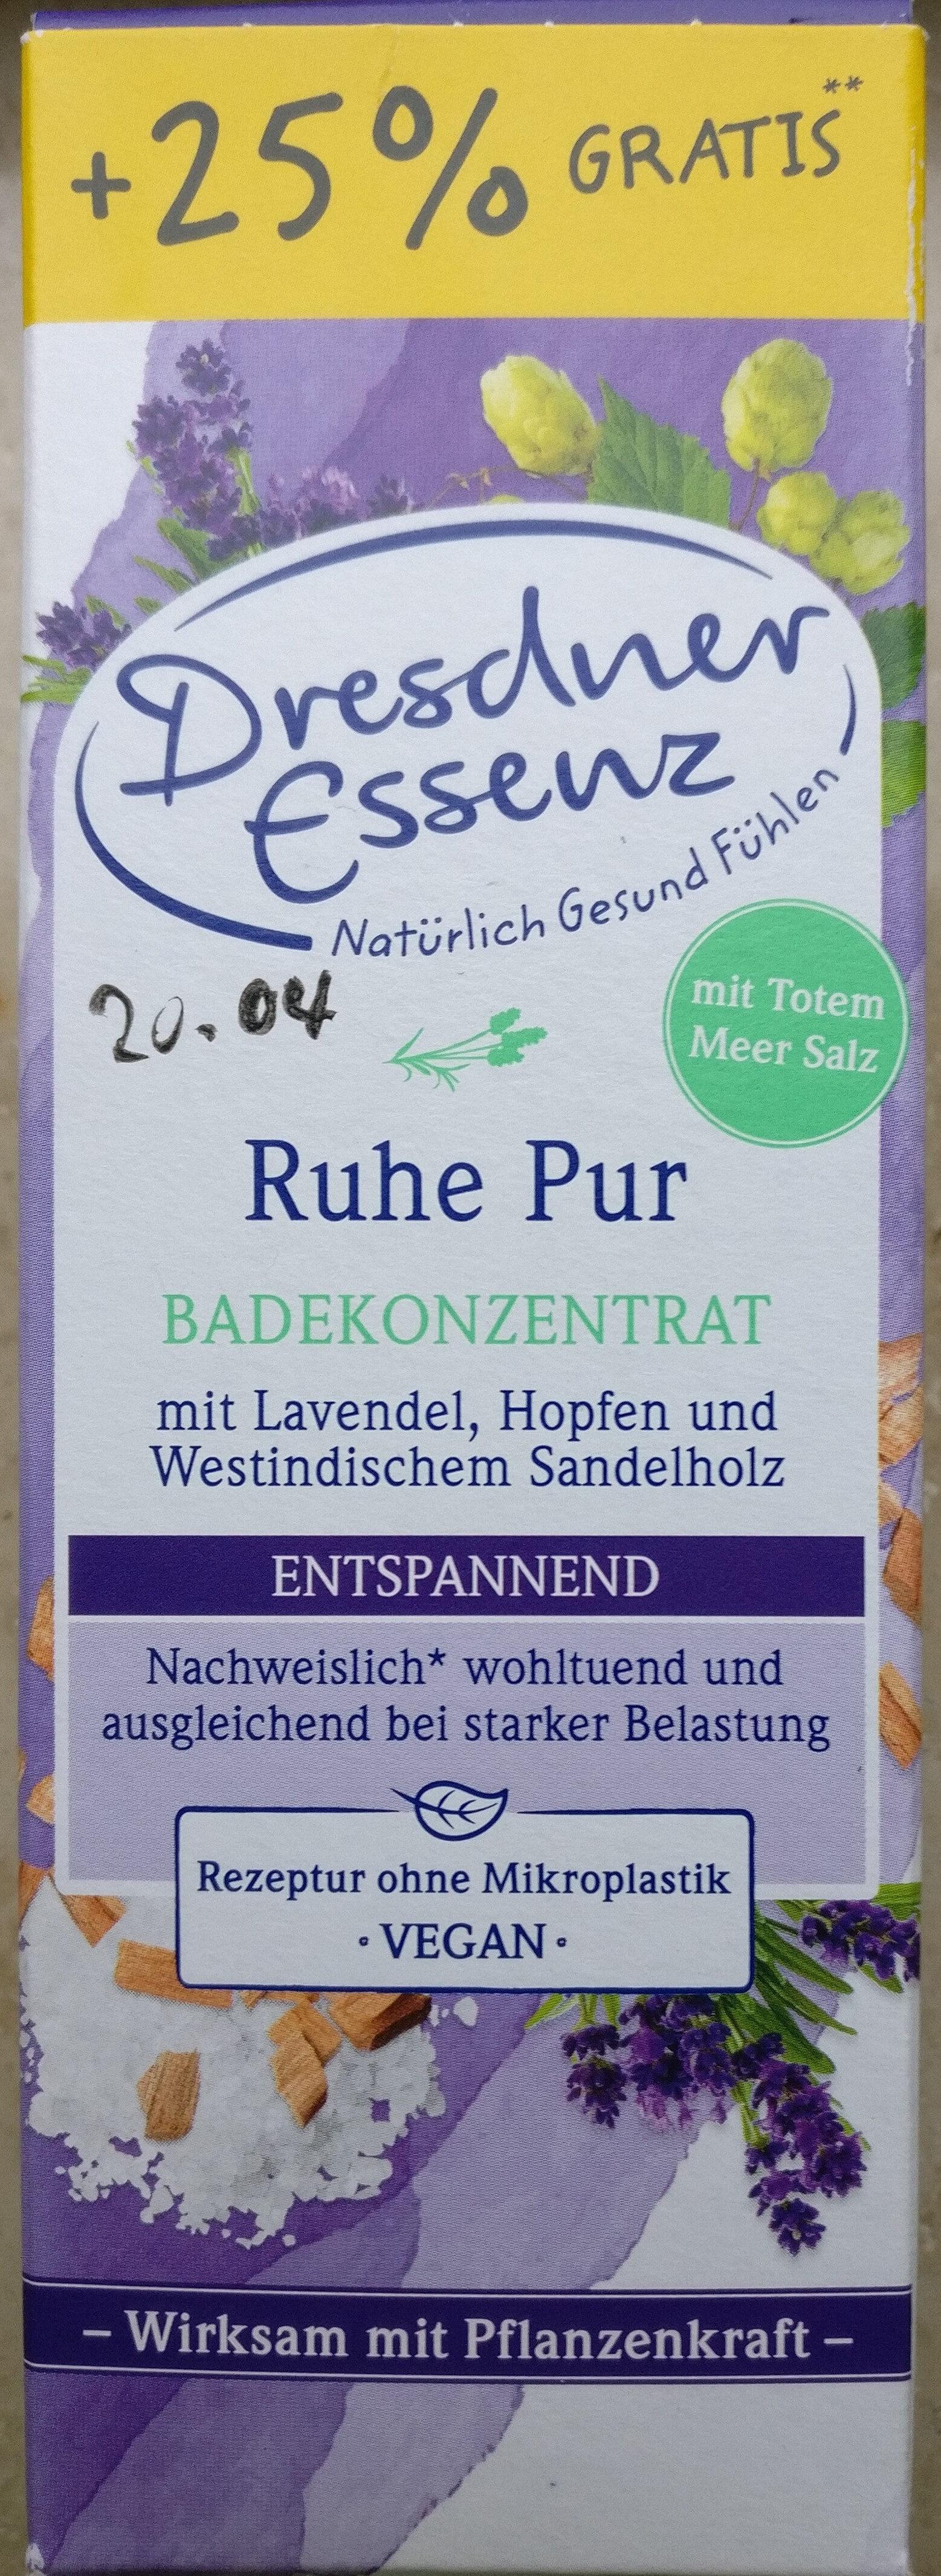 Ruhe Pur Badekonzentrat - Product - de